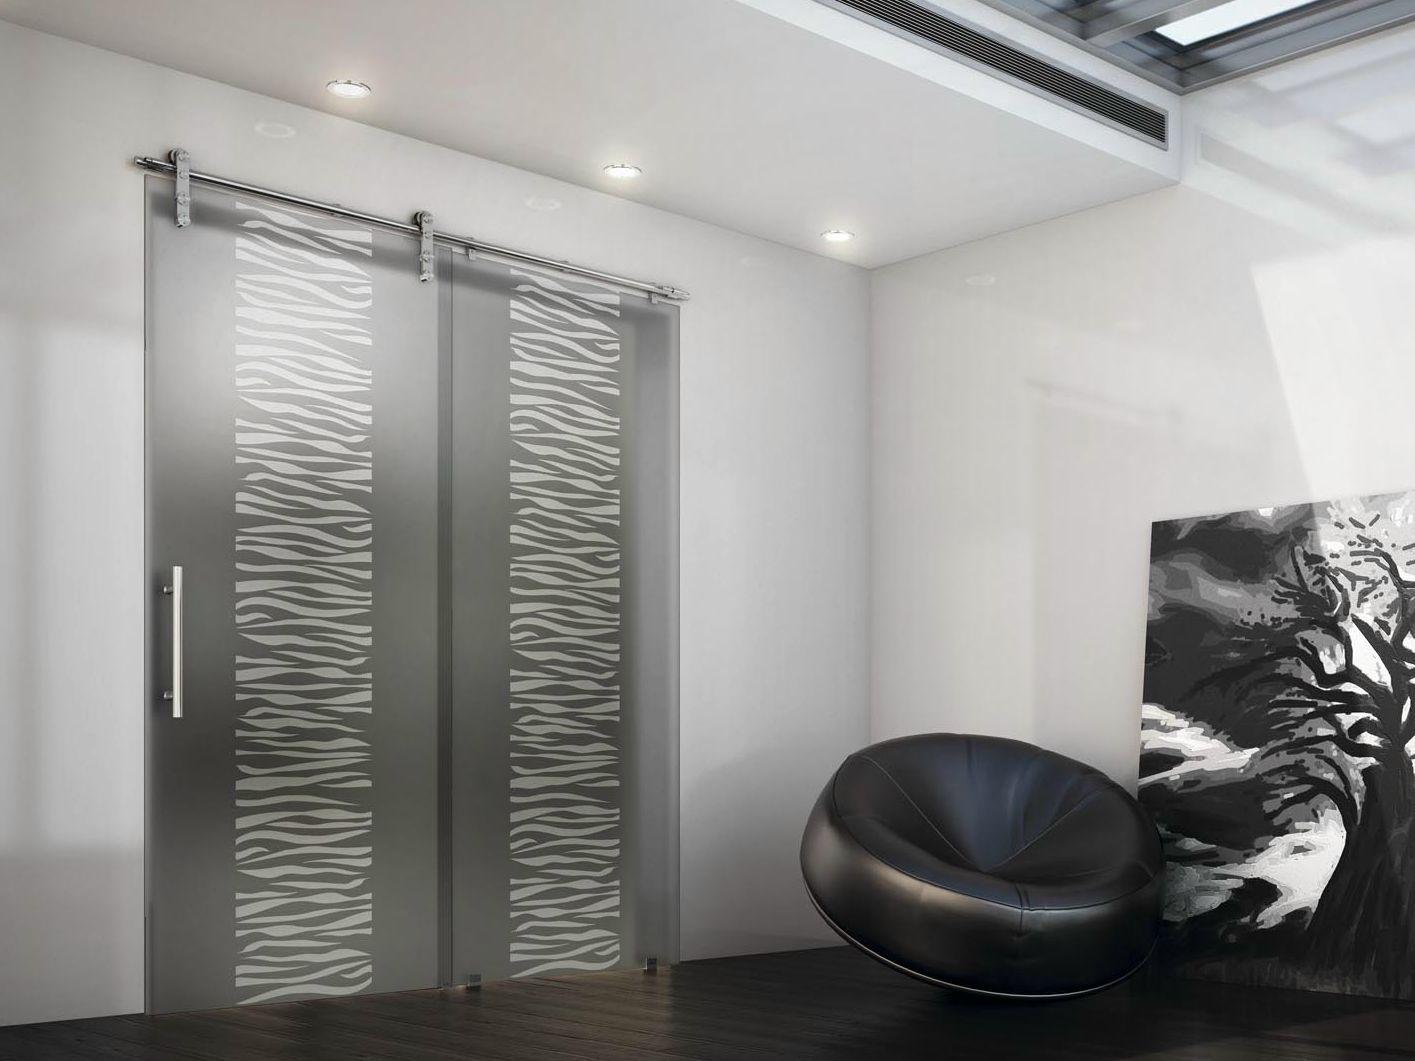 Porte coulissante en verre tekno uno by foa - Porte coulissante en verre interieur ...